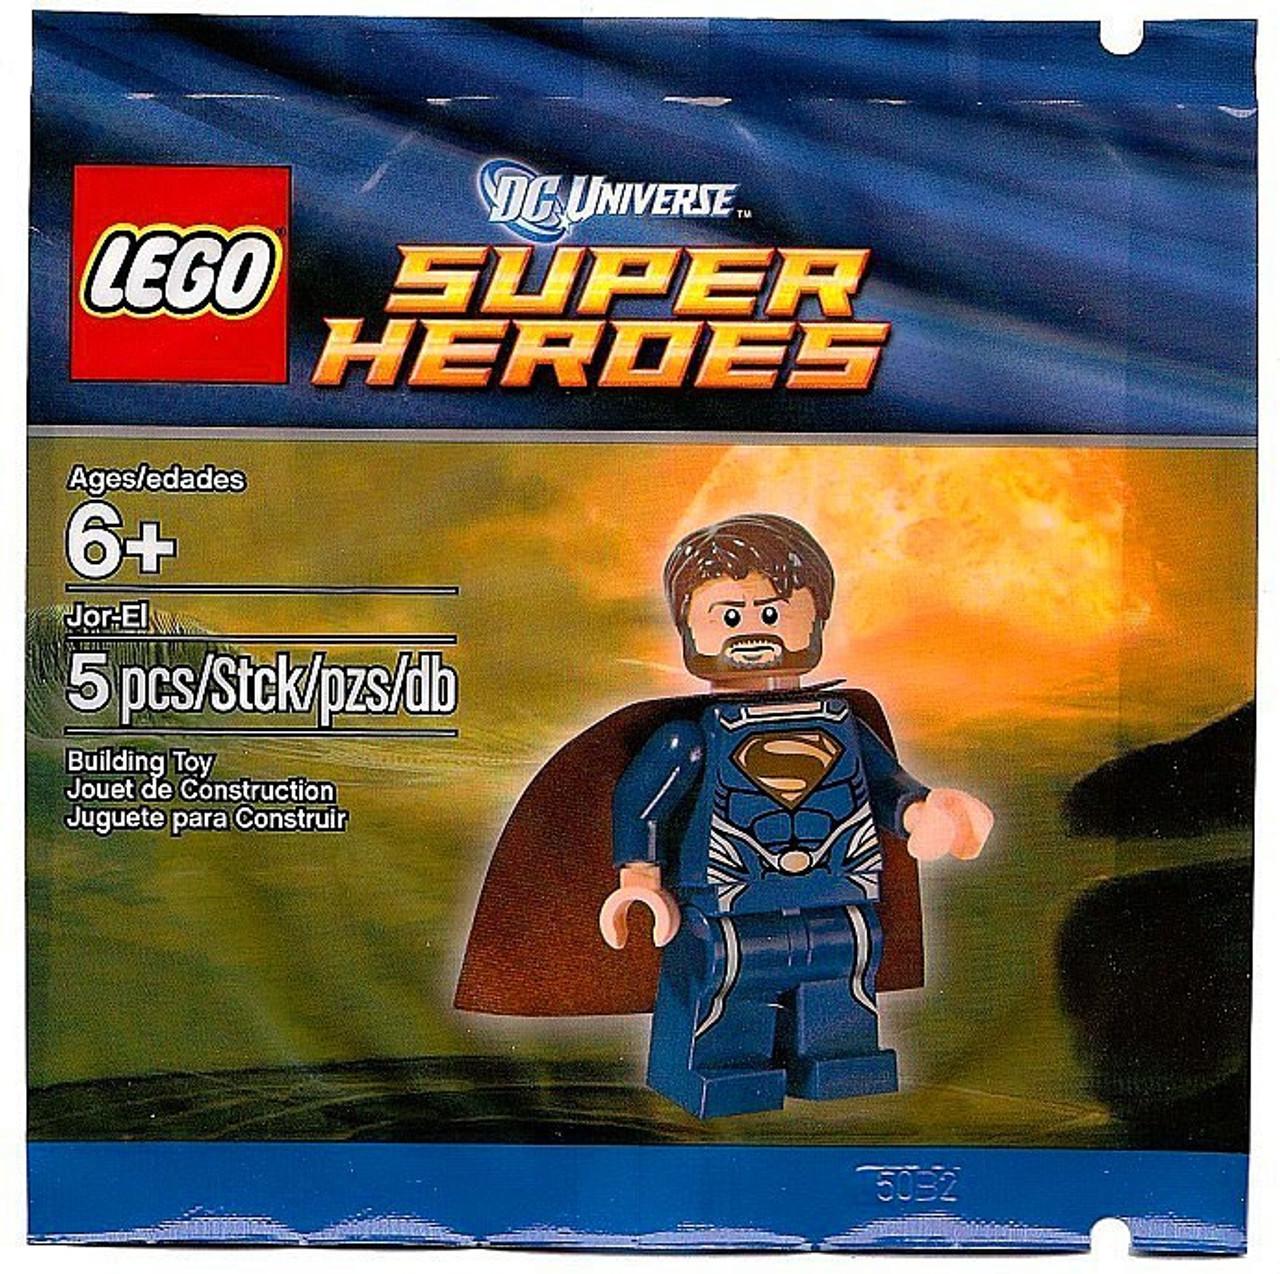 LEGO DC Universe Super Heroes Jor-El Exclusive Mini Set #5001623 [Bagged]